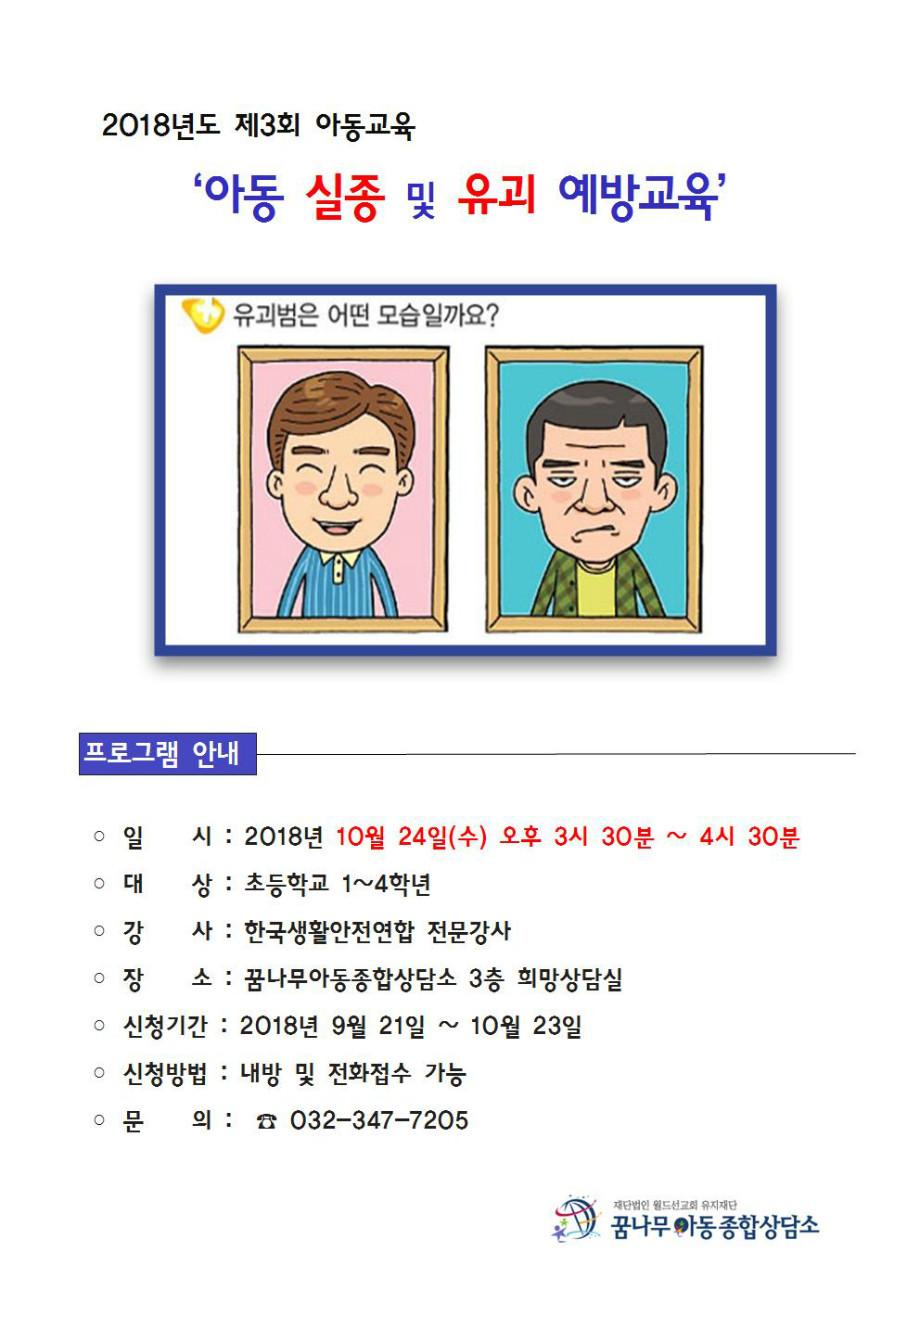 2018년 아동교육 홍보지001.jpg